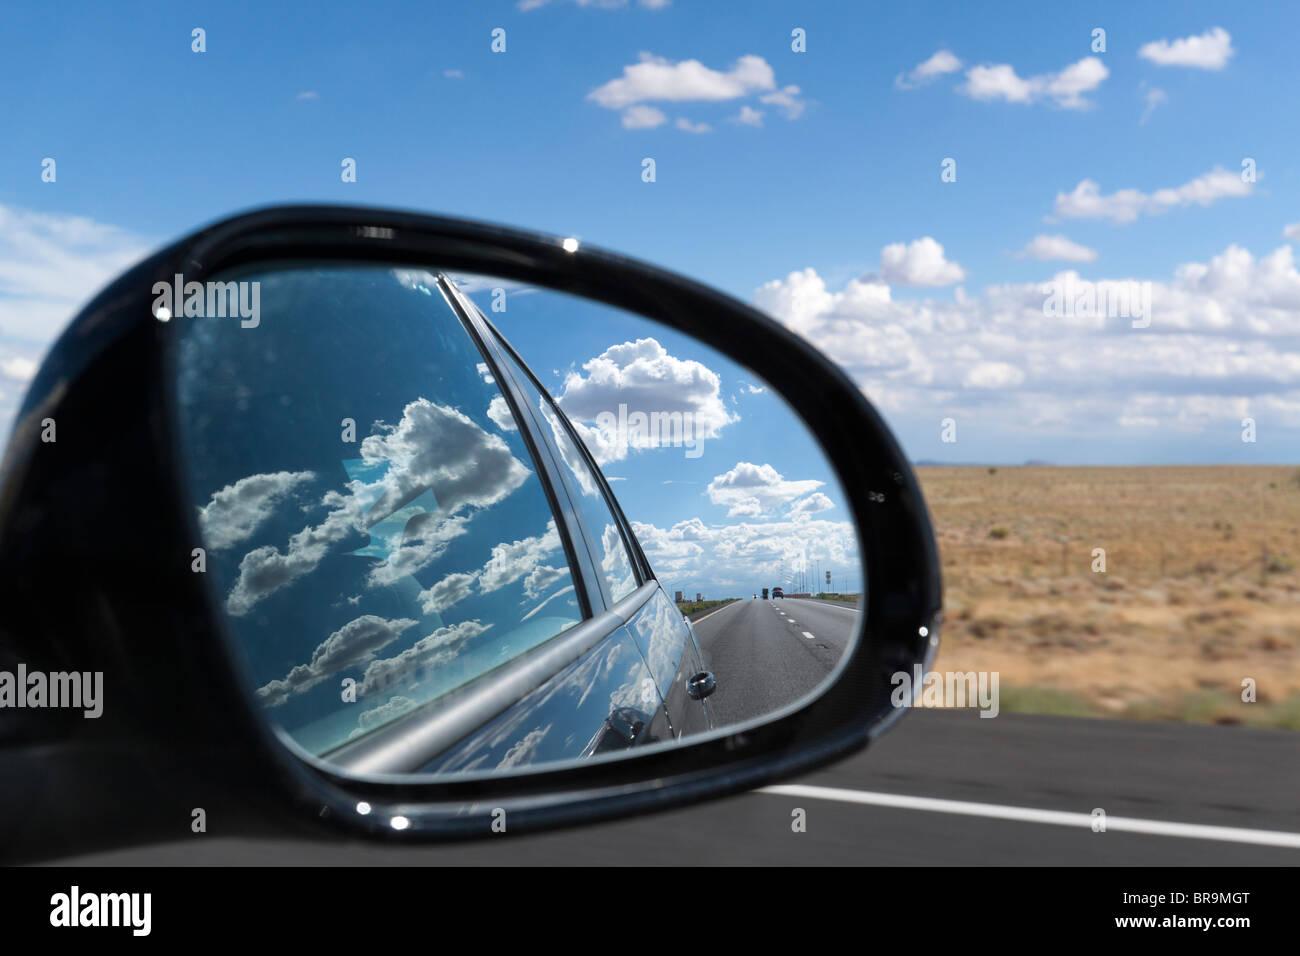 Seitenspiegel Ansicht zeigt Autos auf der Straße und Wolken reflektieren auf der Auto - schlägt geht man Stockbild